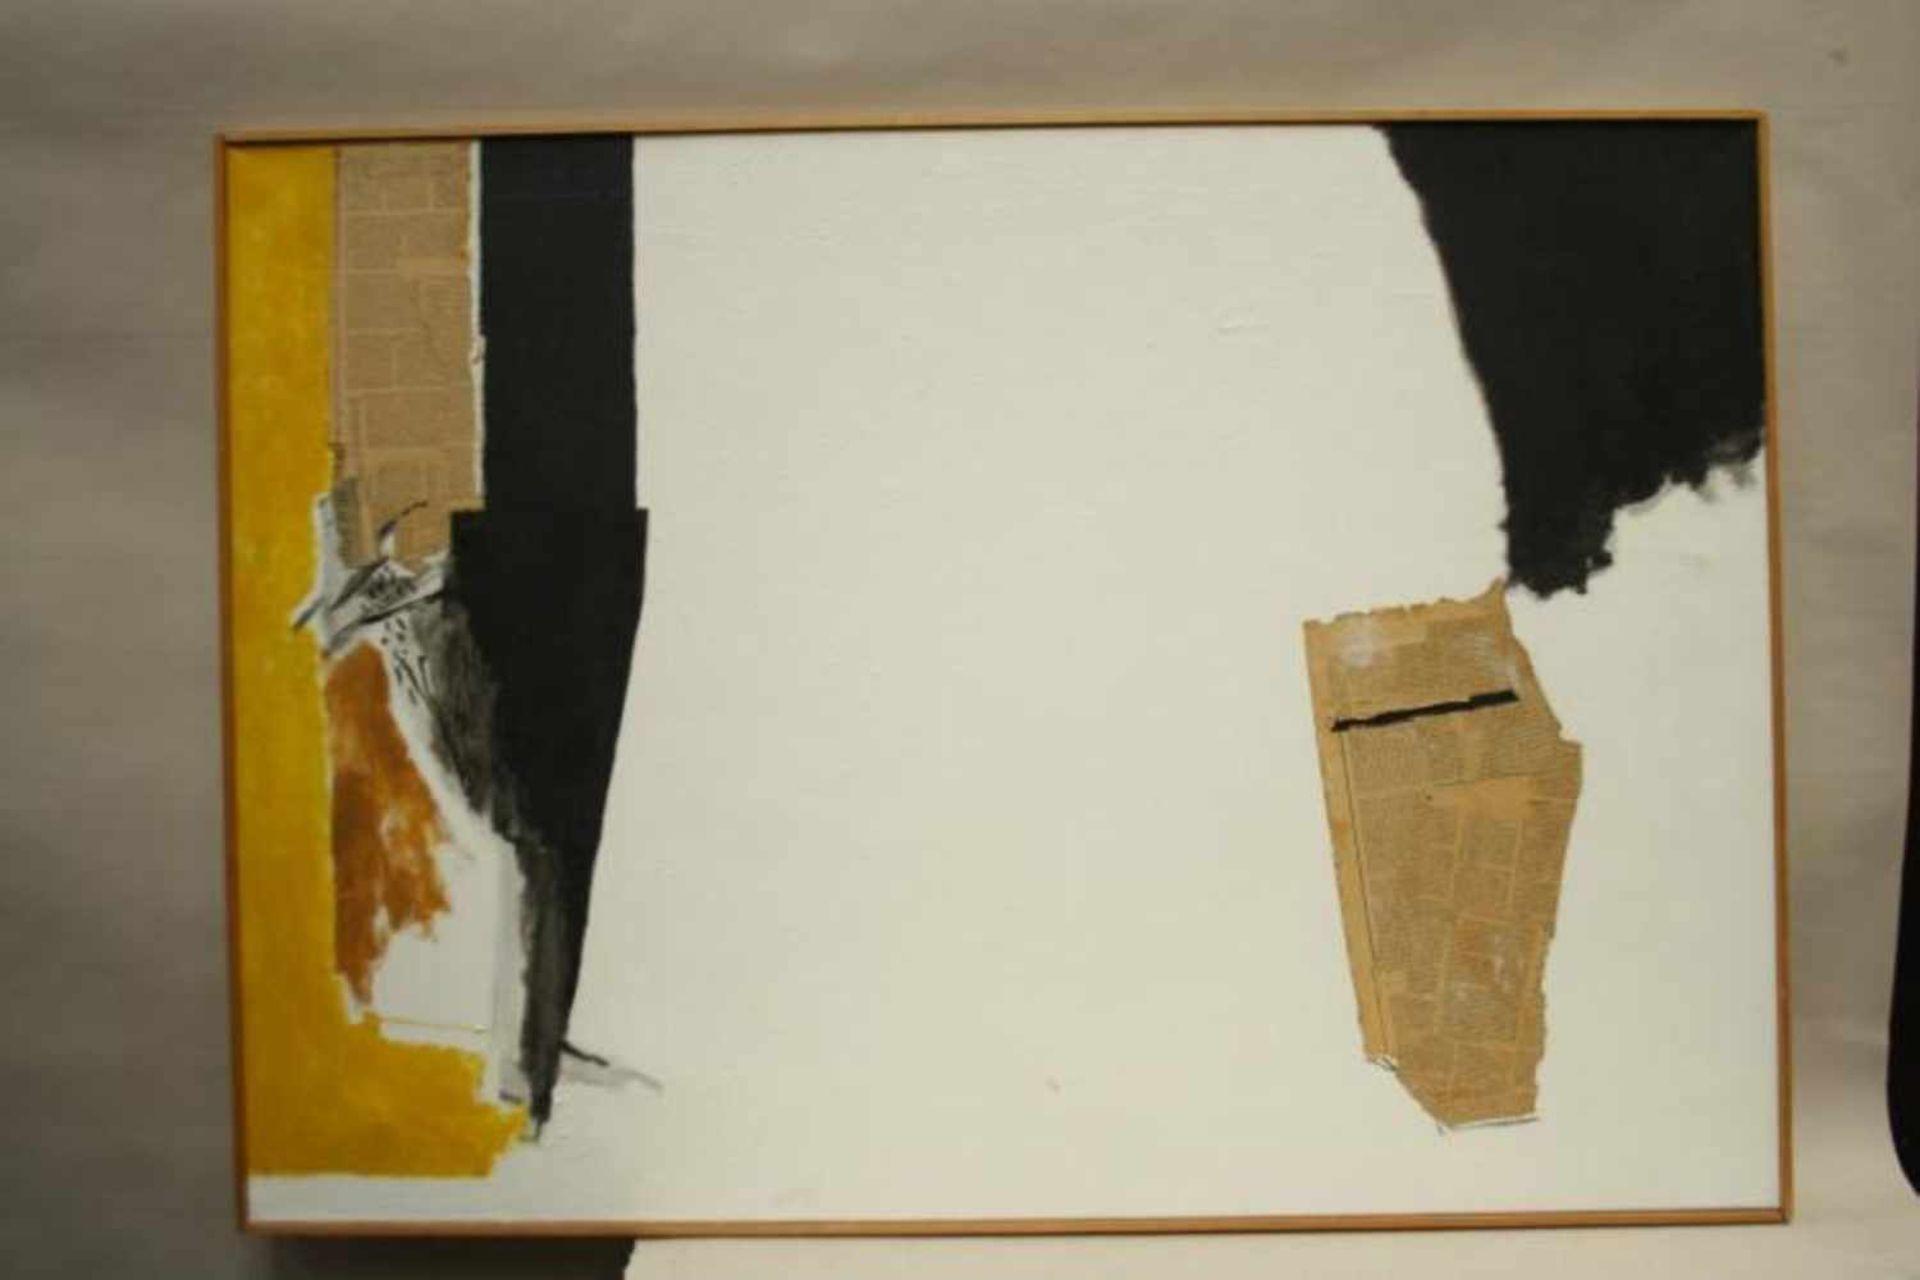 Twee moderne schilderijen op doek, niet gesigneerd, ca. 80x100 cm. (Modern paintings, canvas, not